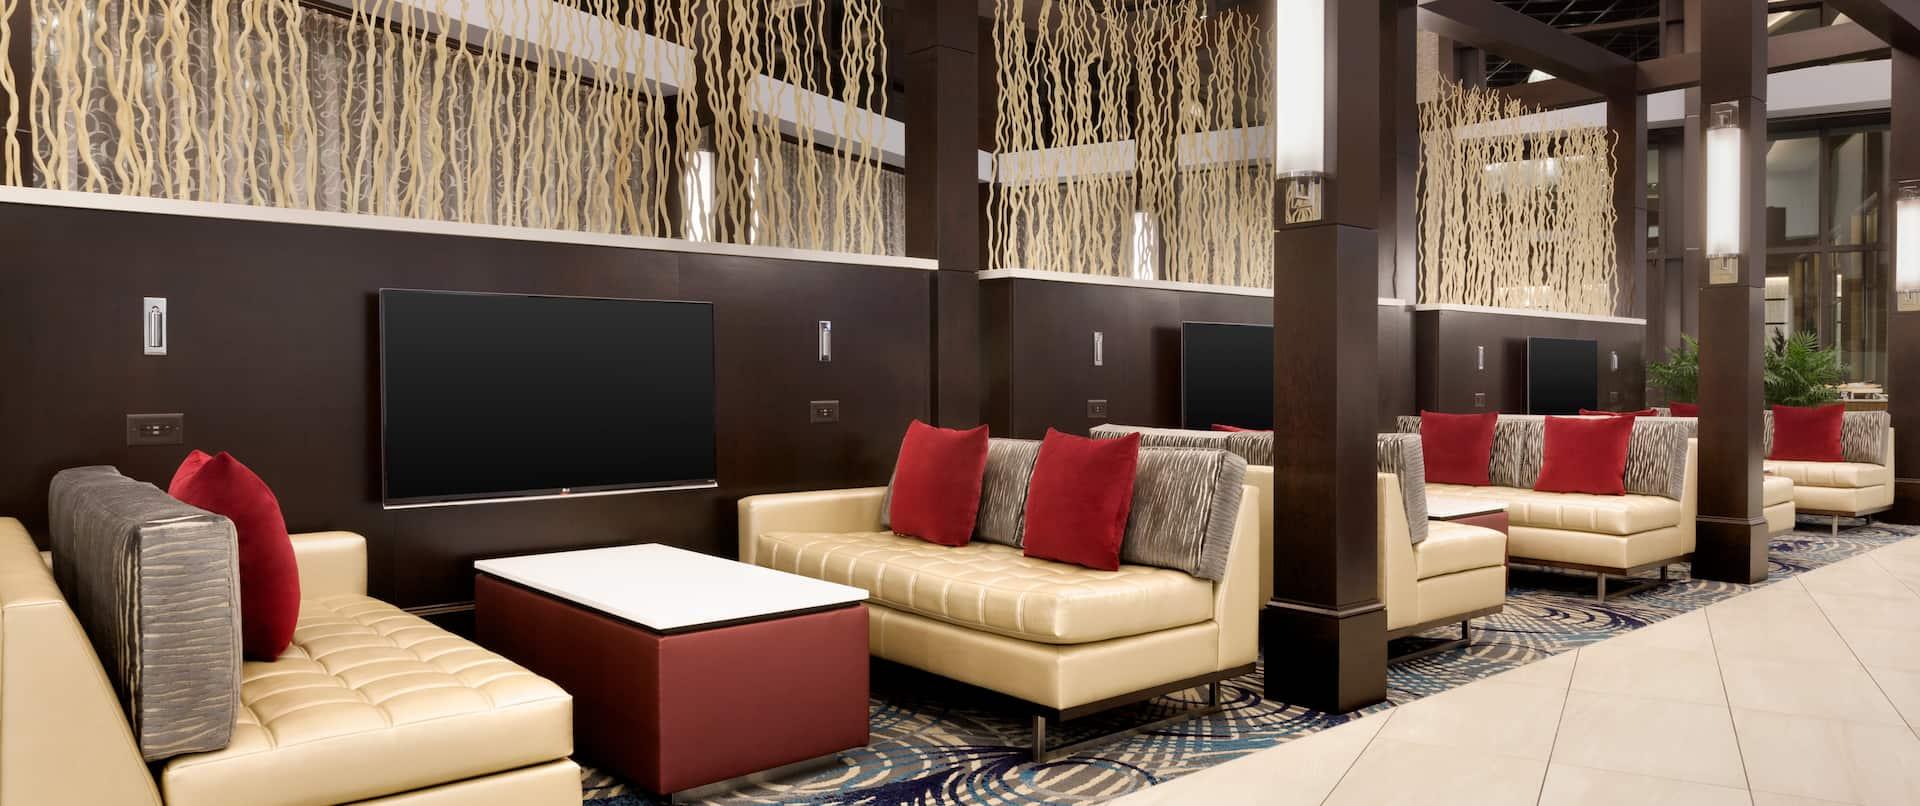 Atrium Seating Area with TVs